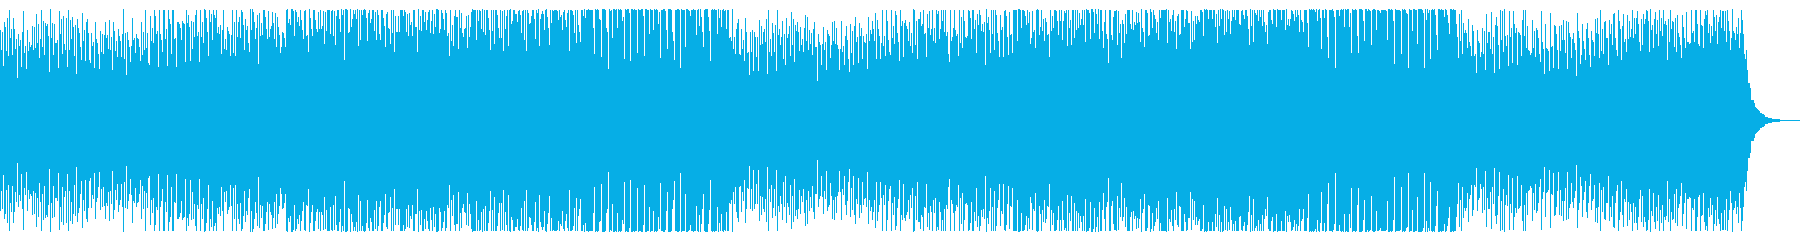 企業VP エネルギッシュさわやか 活気の再生済みの波形